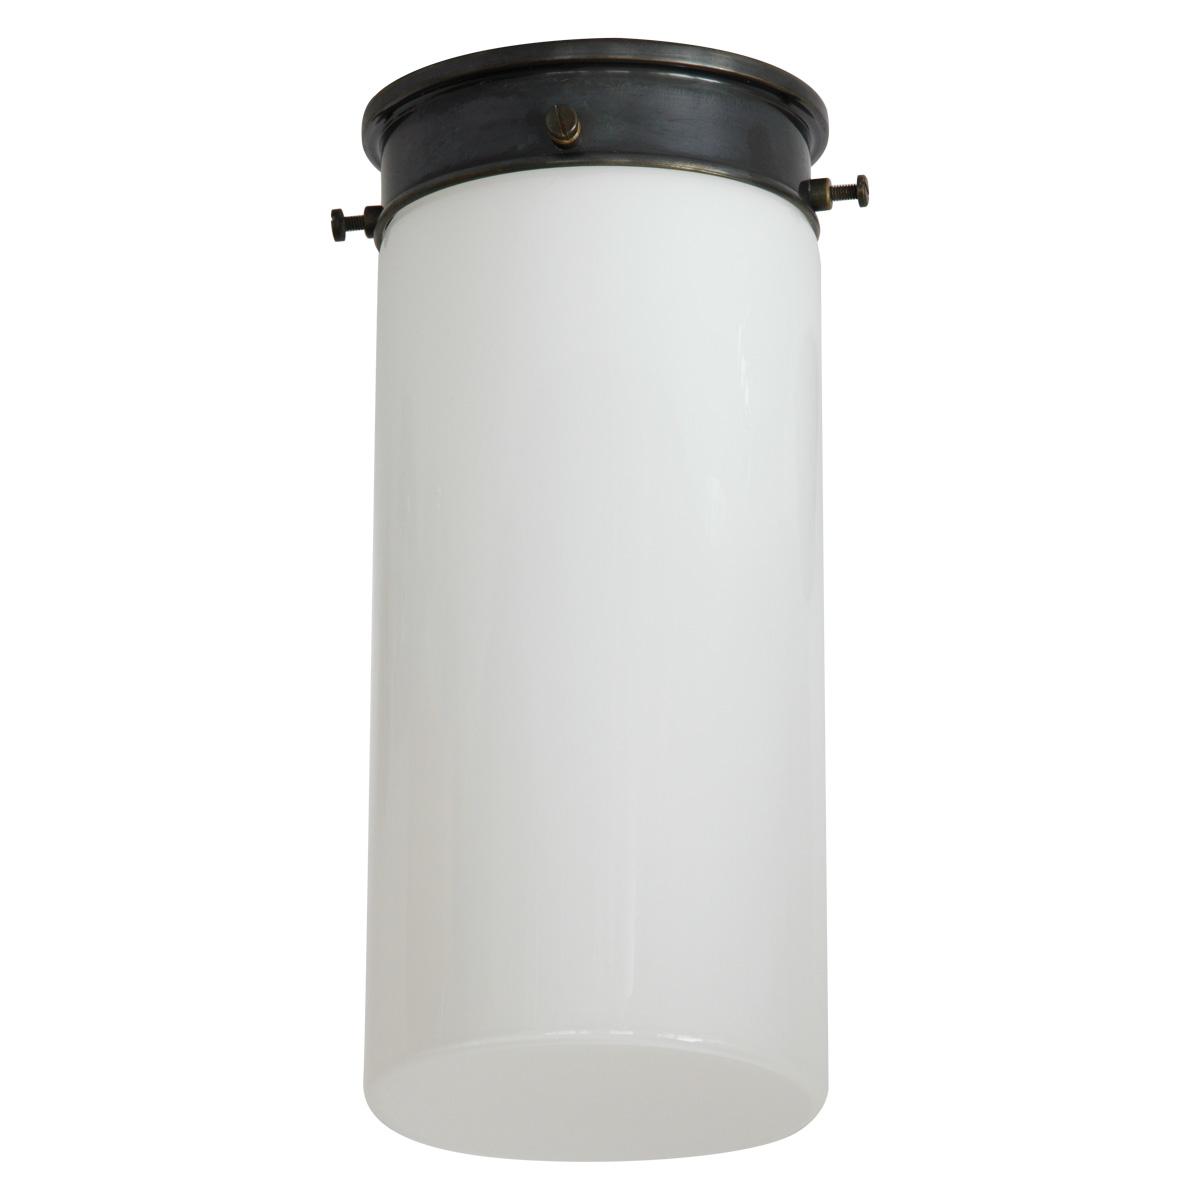 Lange bauhaus tuben deckenleuchte mit opalglas 11 16 cm for Lange deckenleuchte